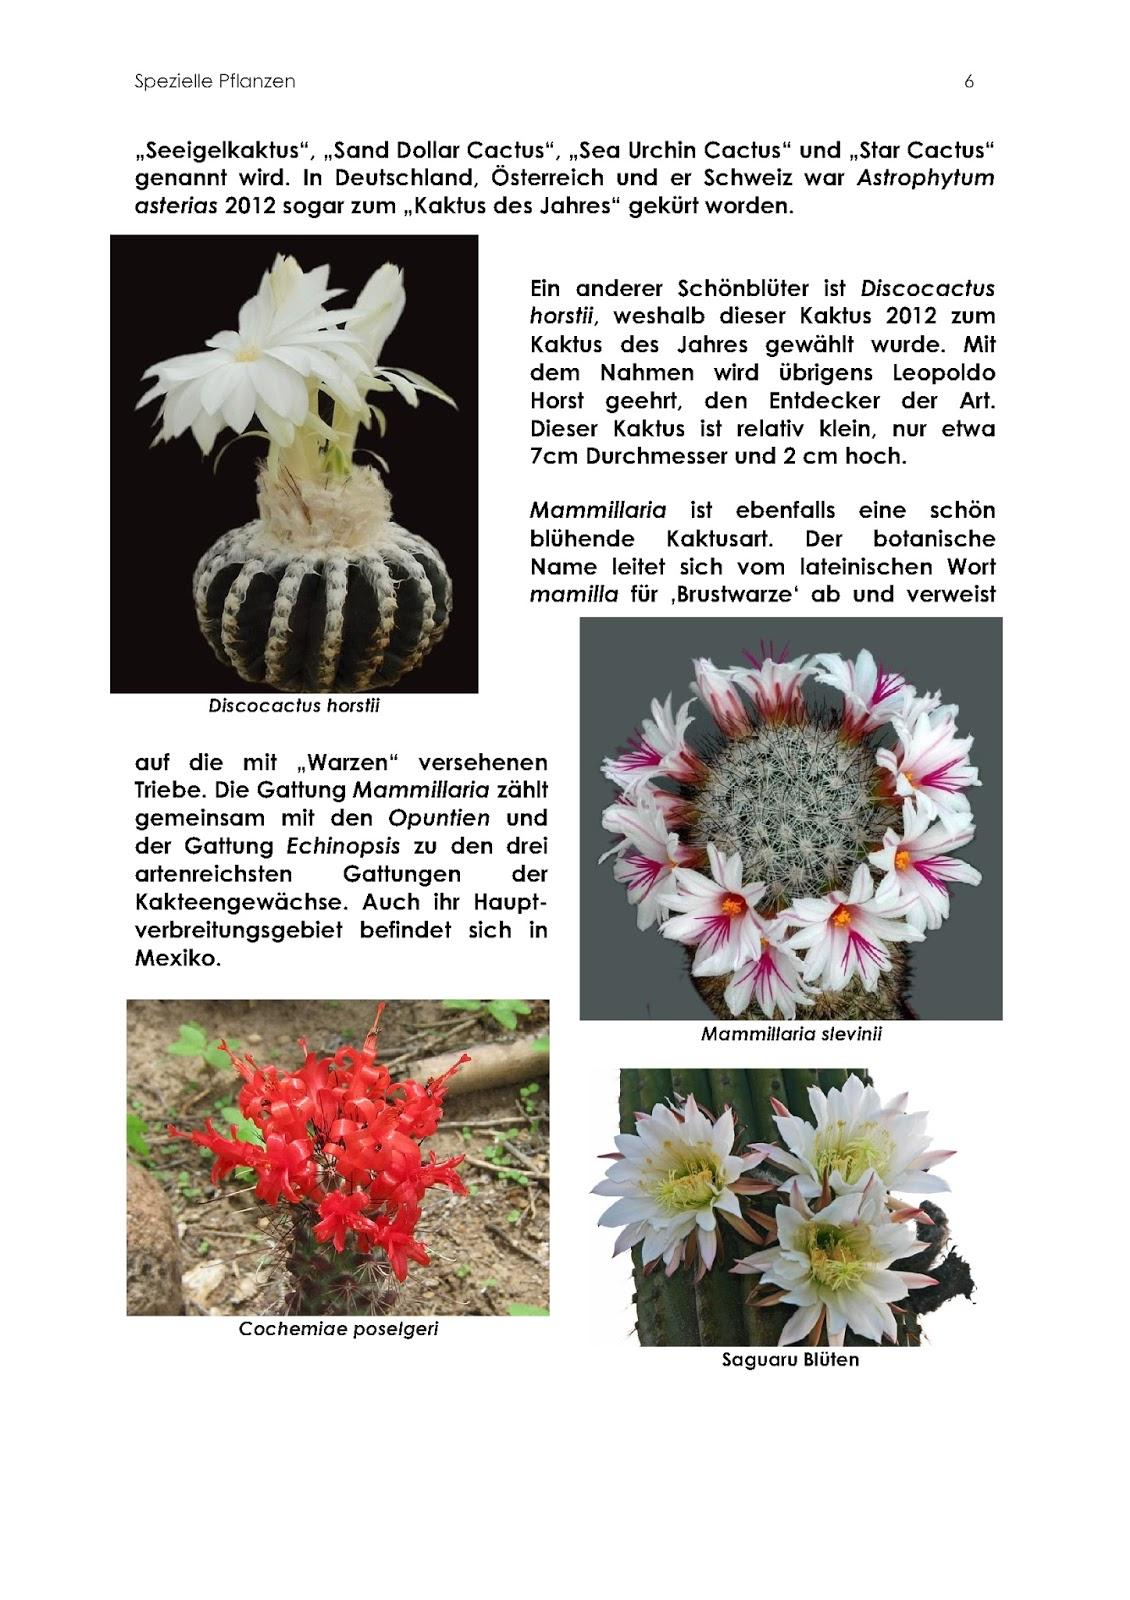 Niedlich Blühende Pflanze Anatomie Ideen - Zomerjassen